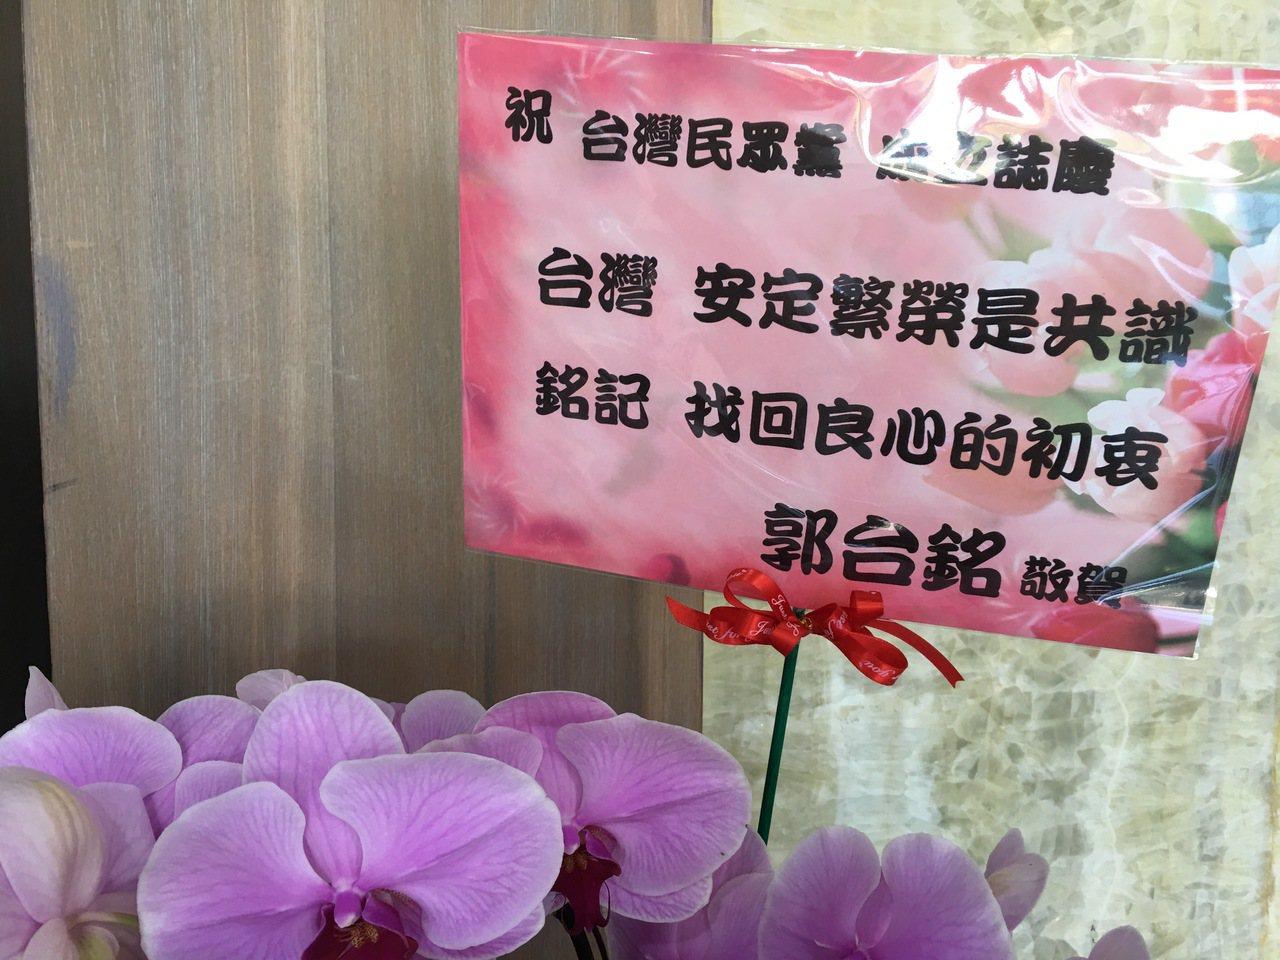 鴻海創辦人郭台銘與前立法院長王金平雙雙送上花籃祝賀。記者魏莨伊/攝影